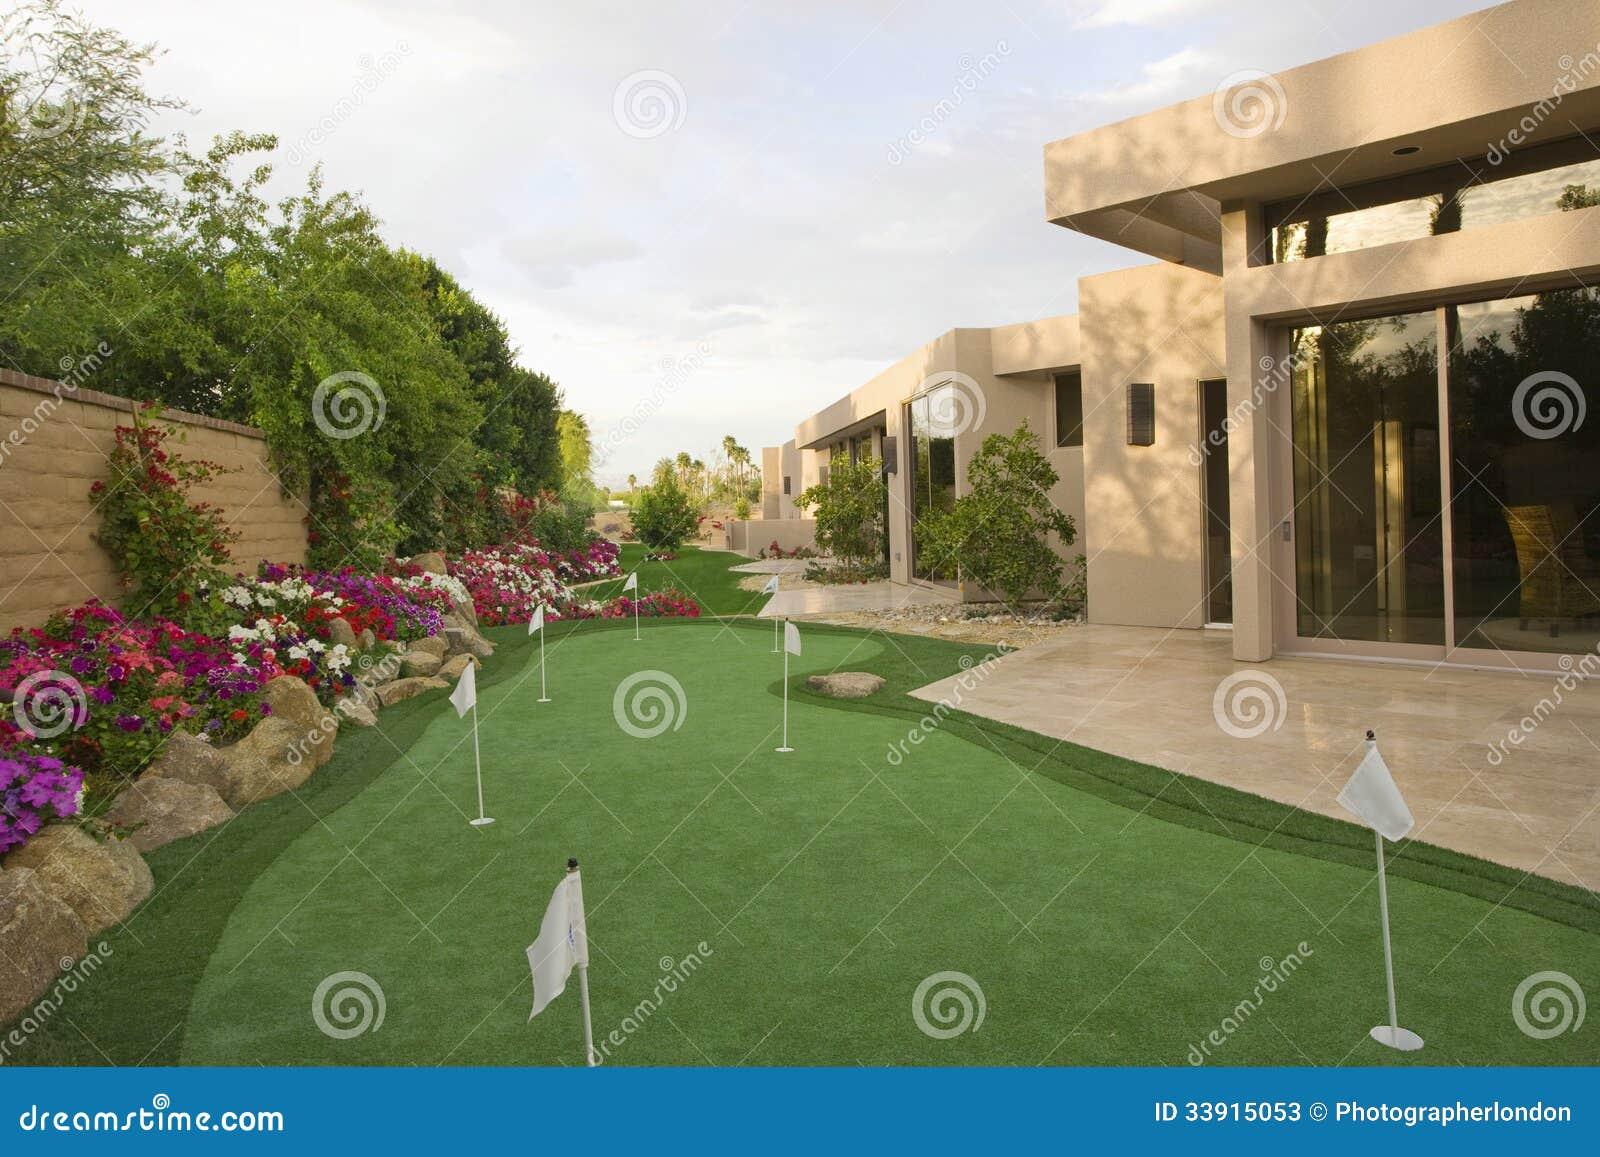 Mini Golf Course In House Garden Stock Photos Image